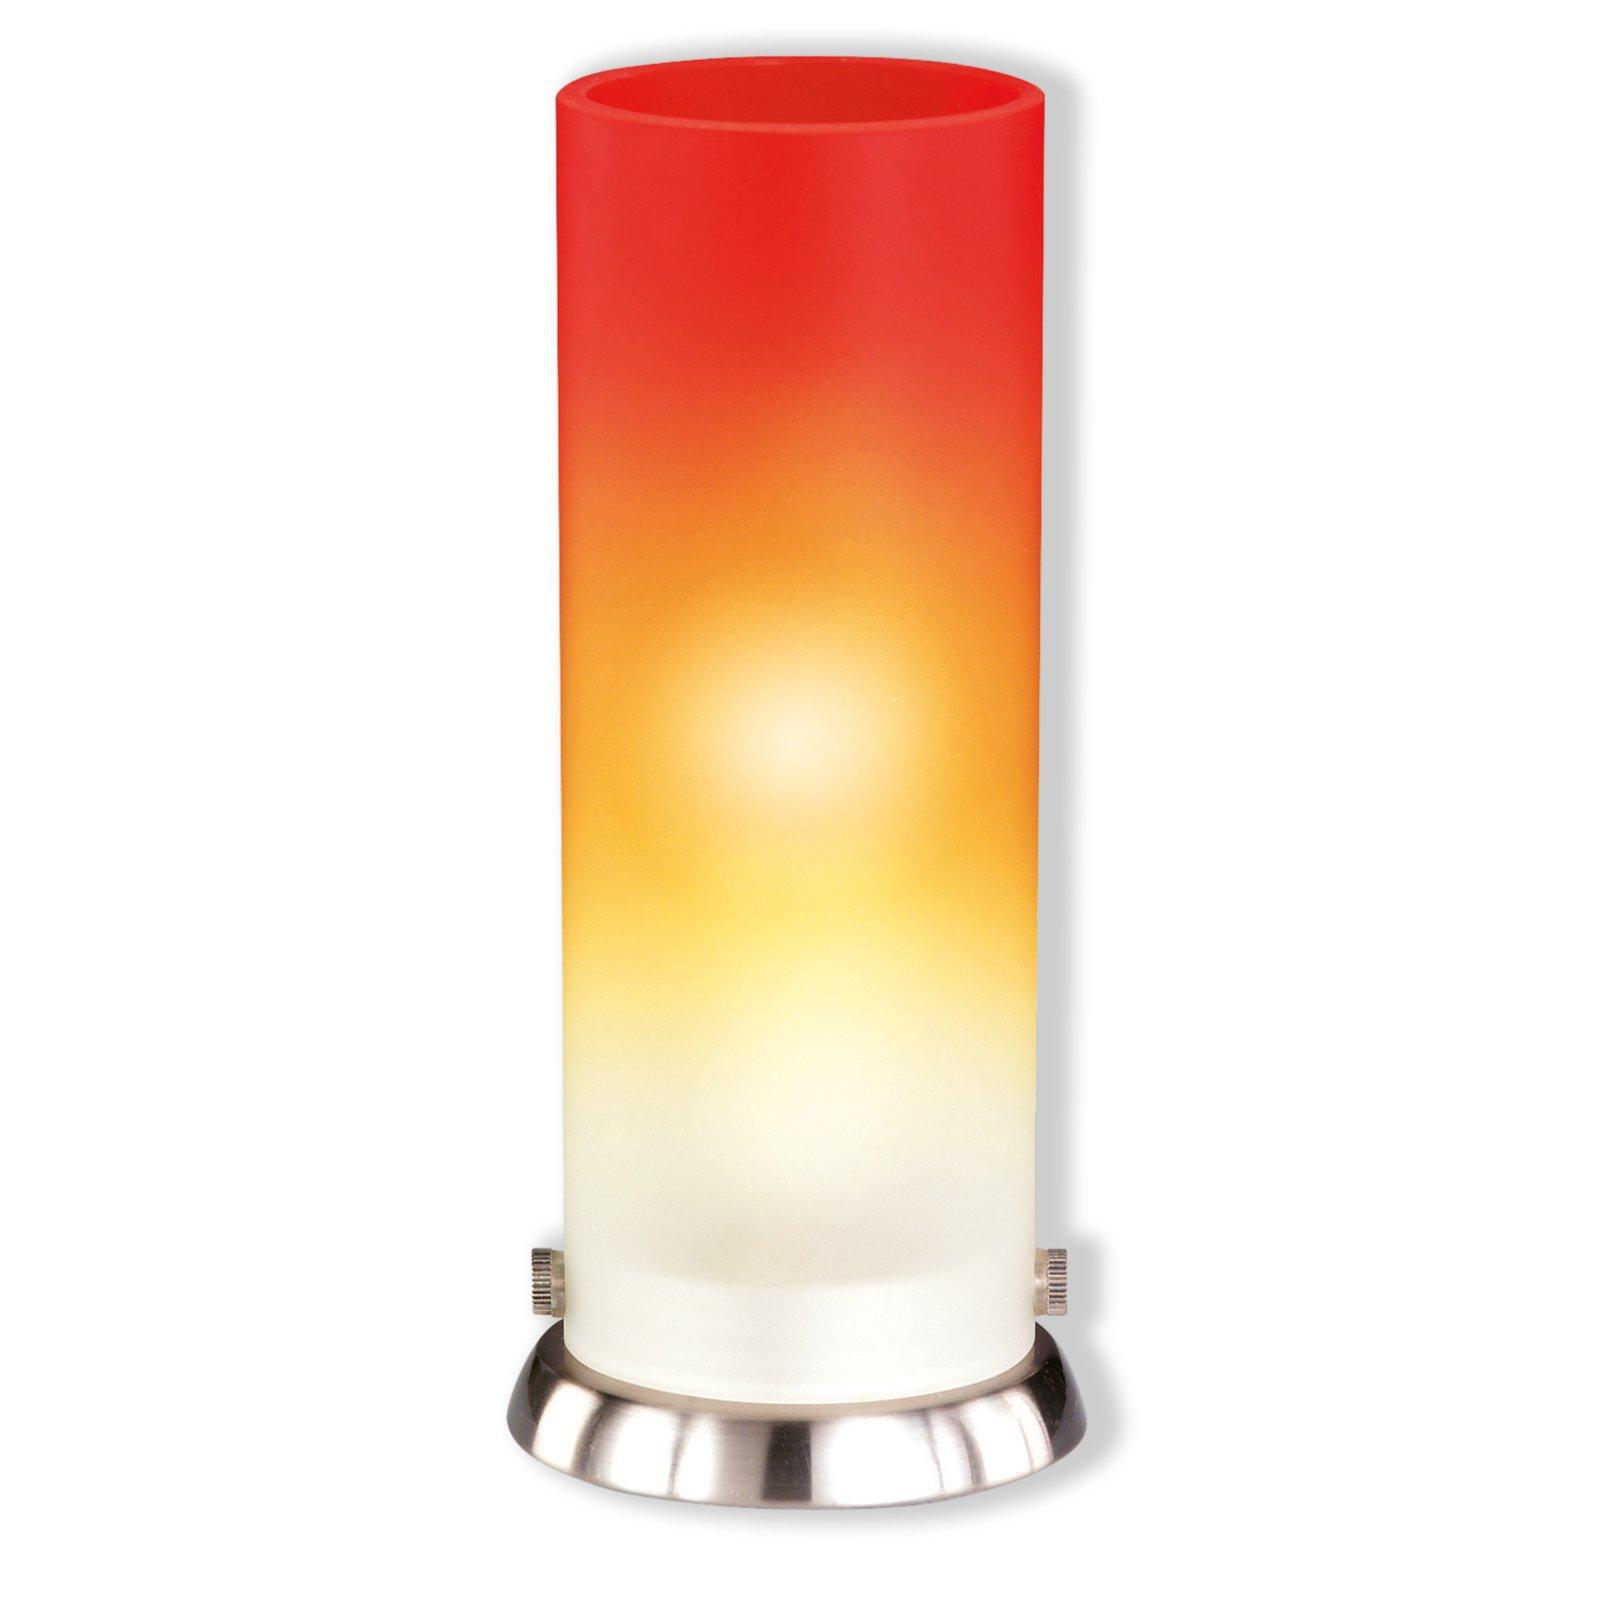 tischlampe pipe glas orange tischlampen lampen. Black Bedroom Furniture Sets. Home Design Ideas